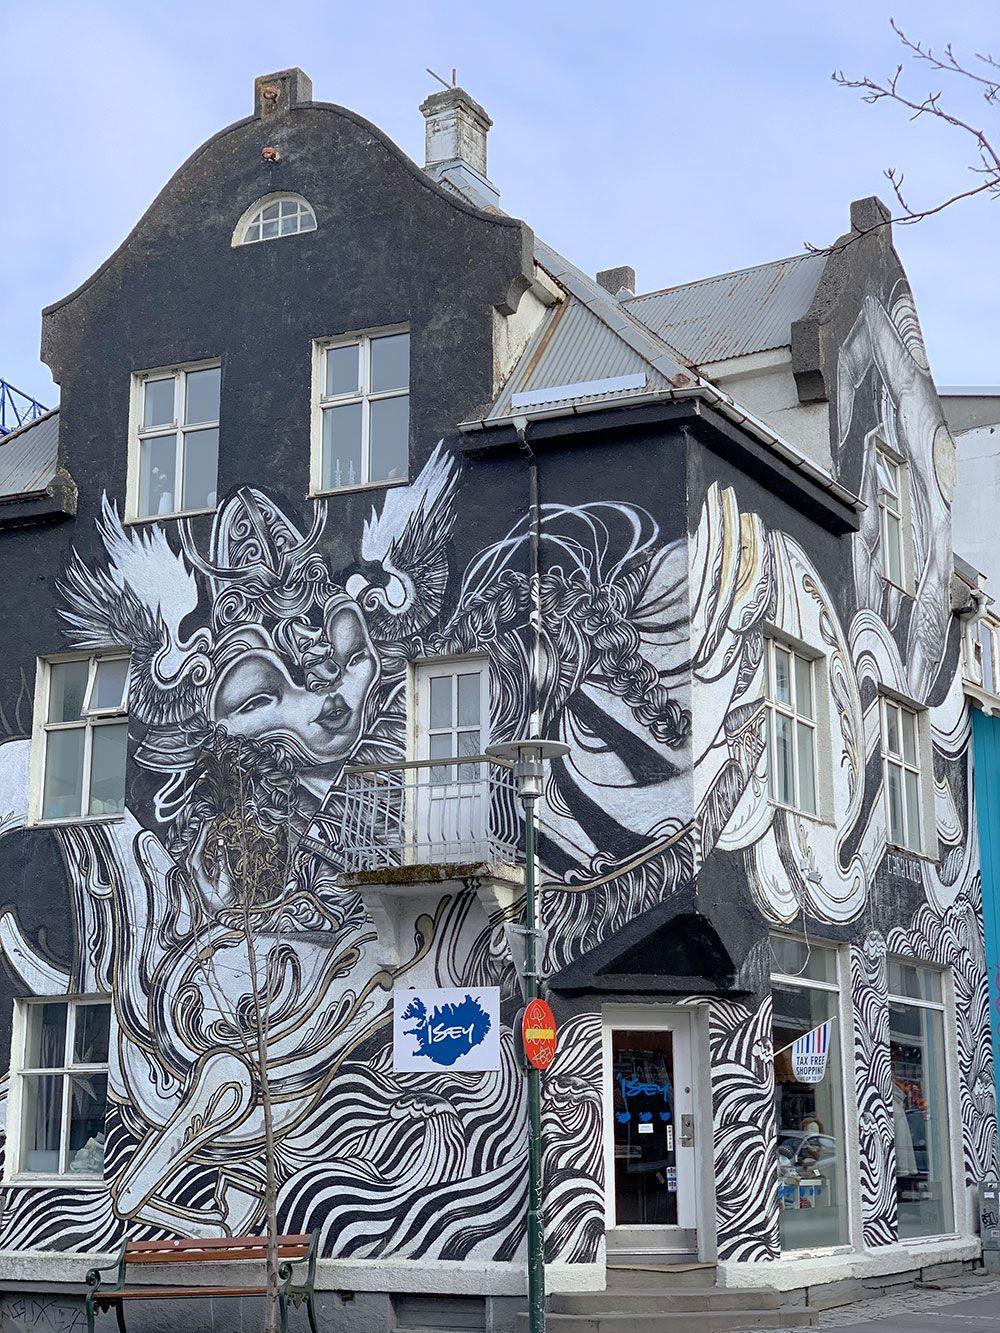 Islandia por libre - Graffiti